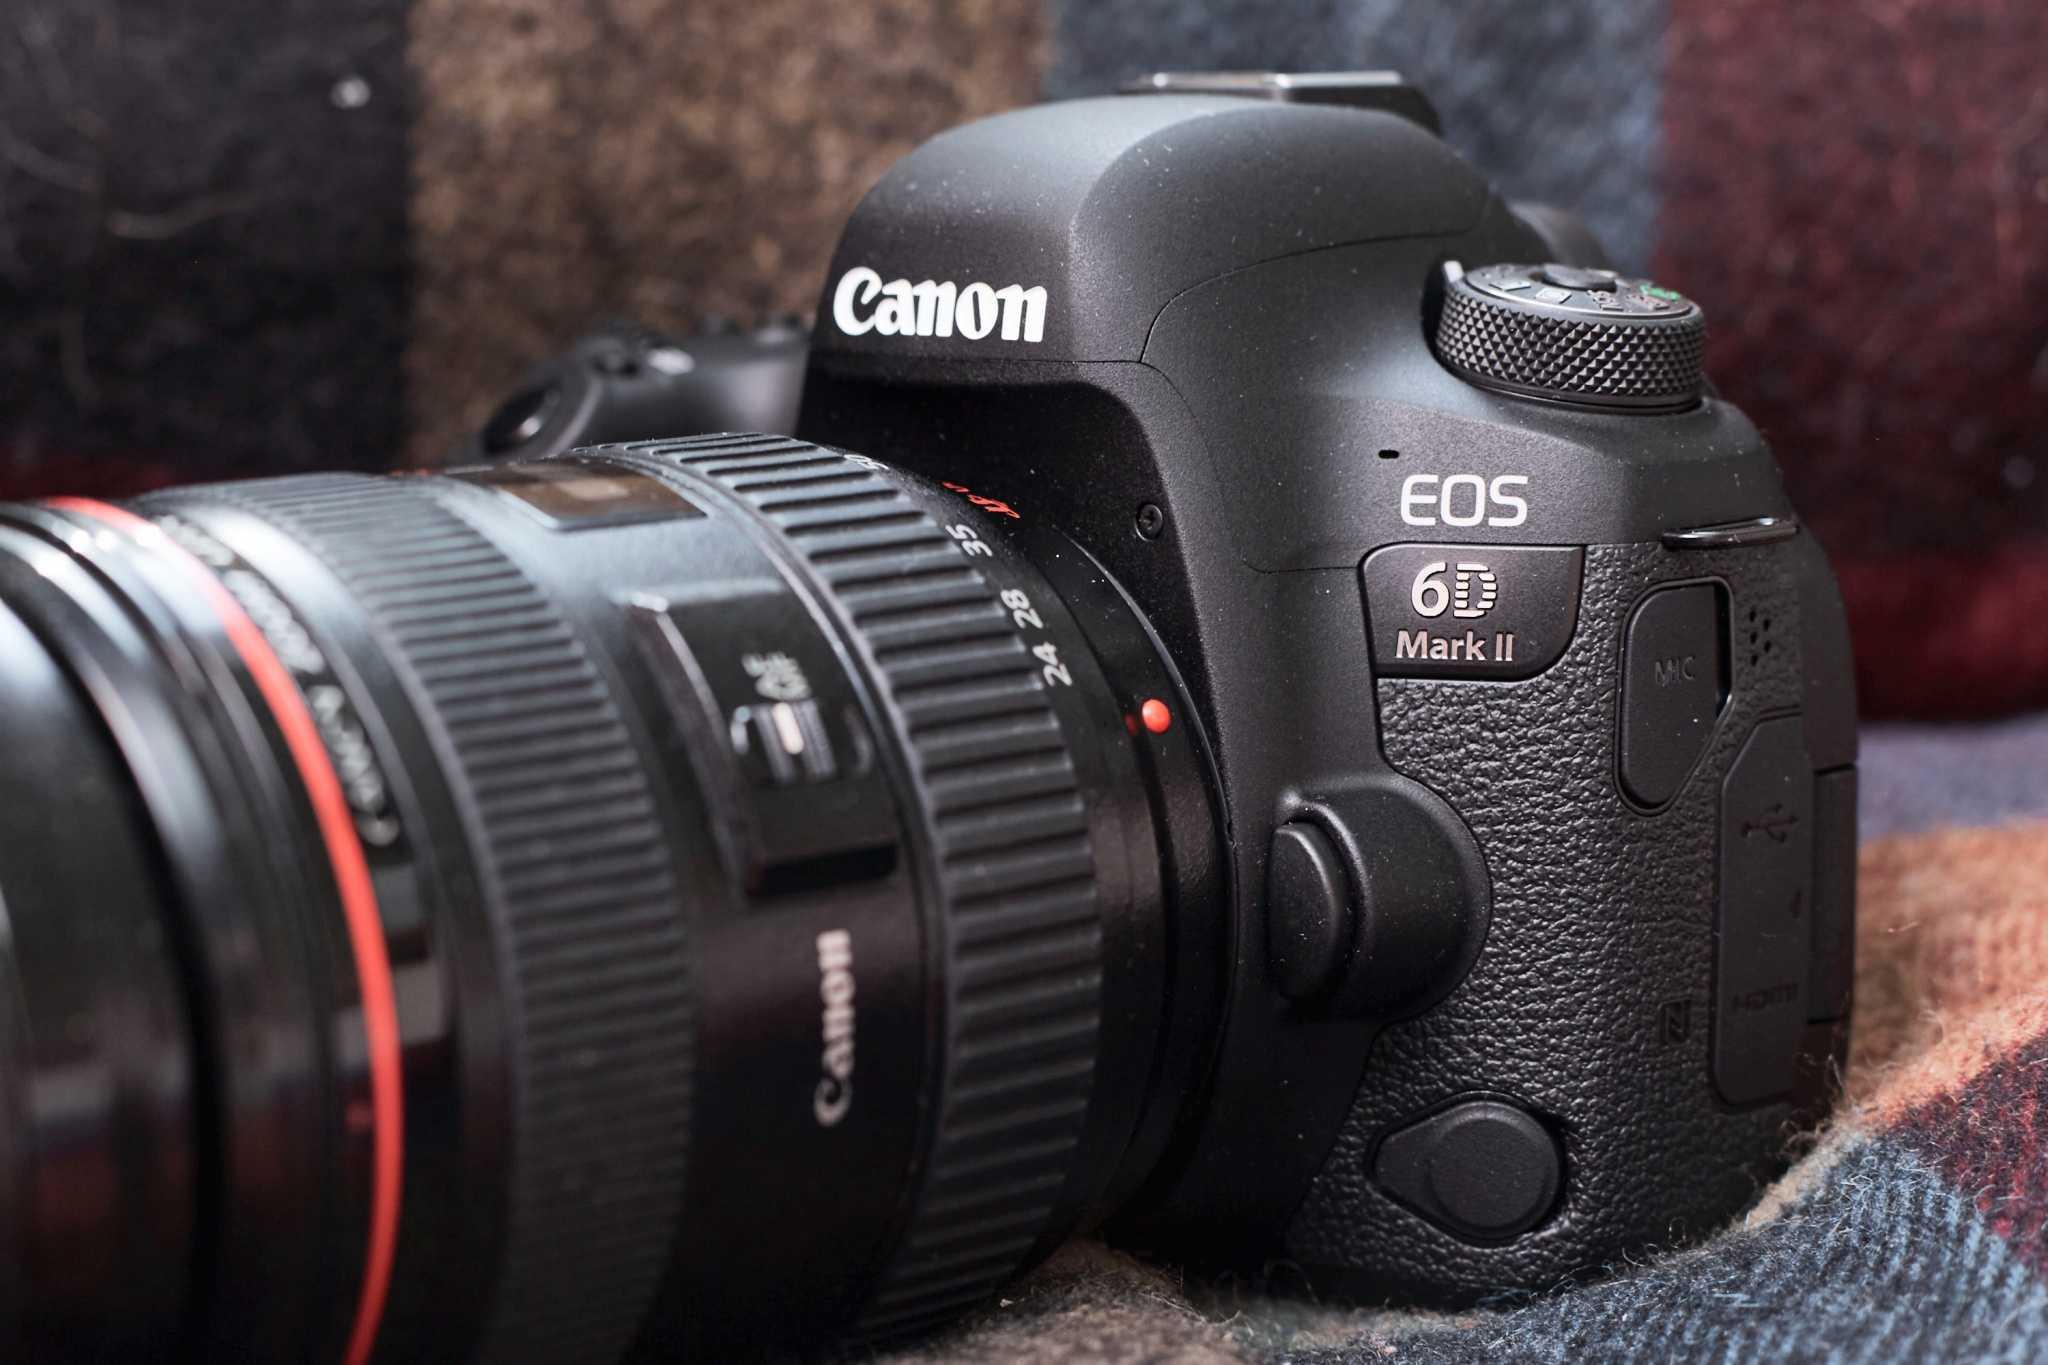 Топ 15 самых лучших пленочных фотоаппаратов 2020-2021